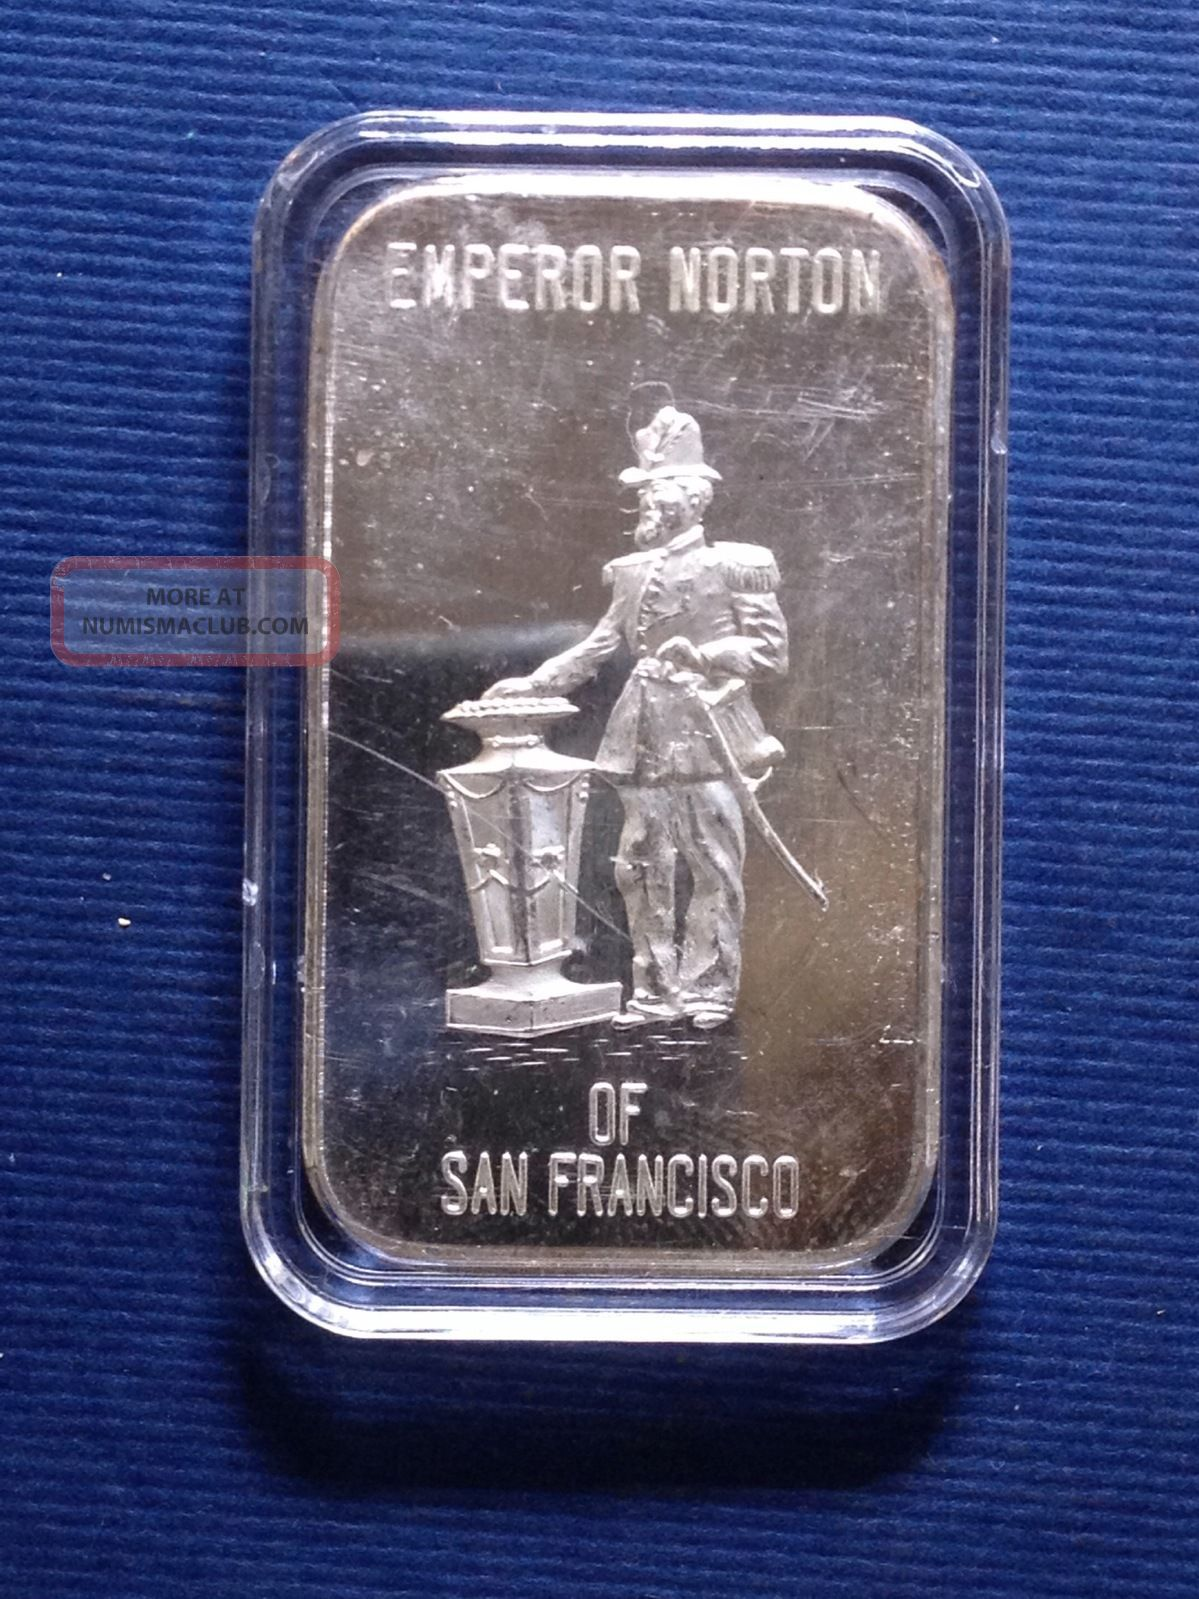 Cgsf Emperor Norton San Francisco 1 Troy Oz 999 Fine